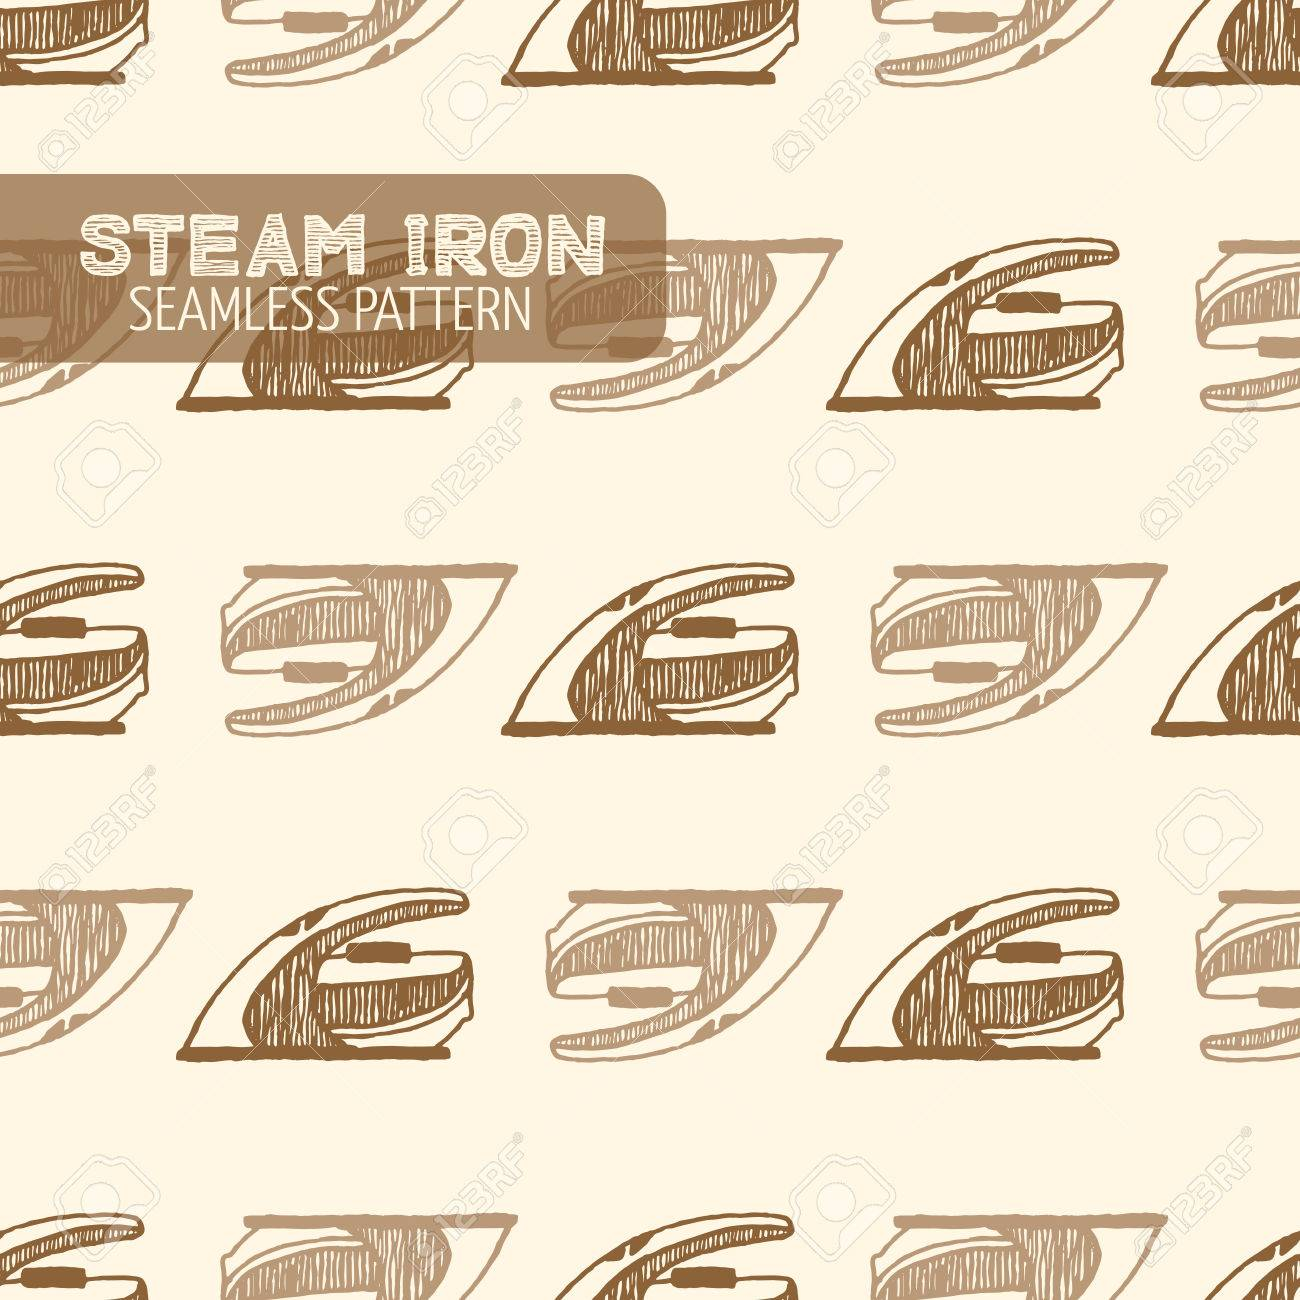 Lissage vapeur Fer pattern. Vintage style, plume et encre tirée par la main. Vector seamless pattern. Retro élément de design pour l'emballage magasin